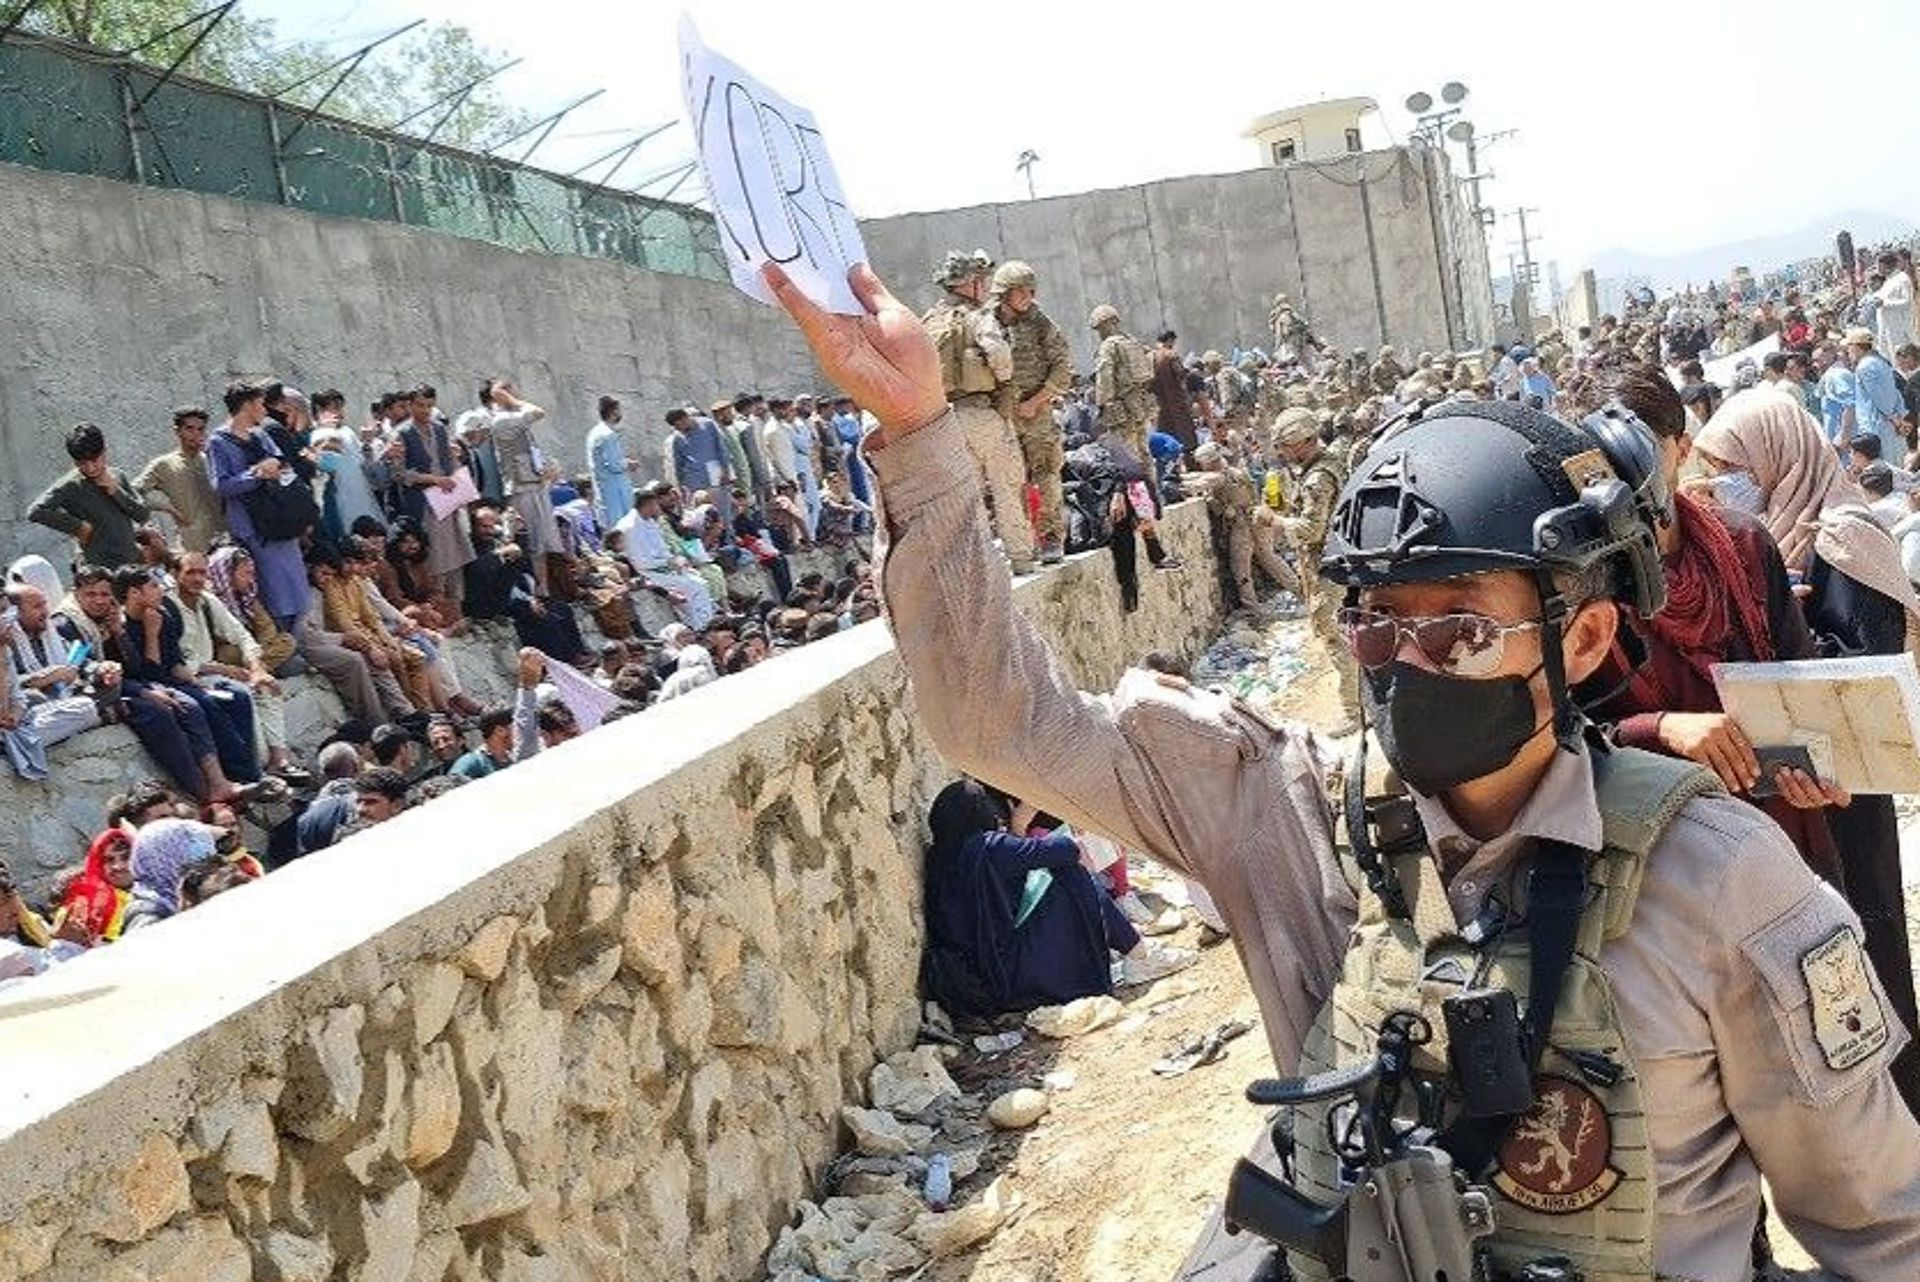 Un soldado surcoreano participa en las tareas de reubicación de los refugiados afganos, en Kabul